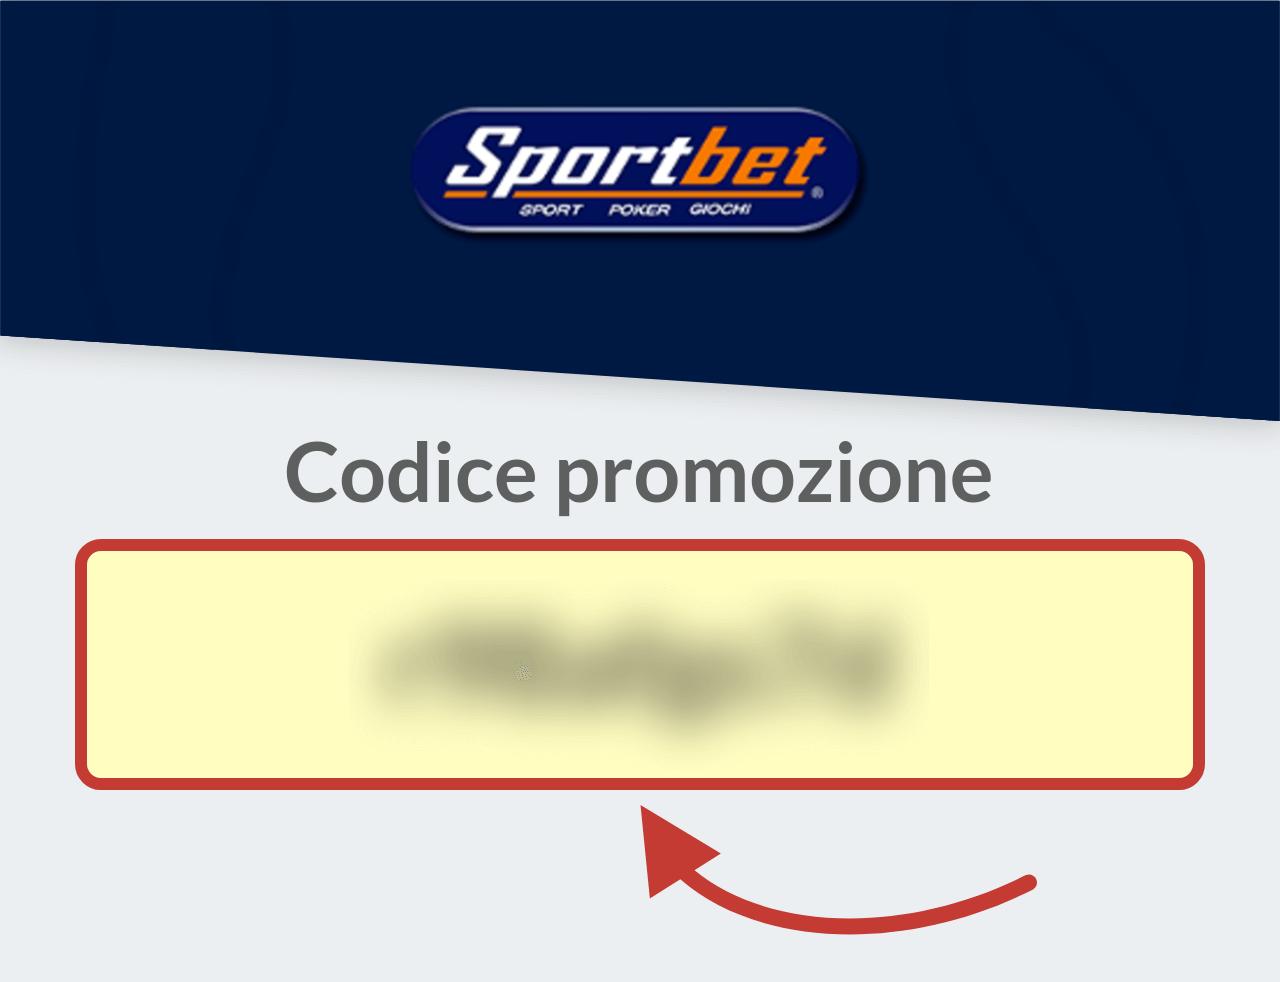 Codice Promozione Sportbet